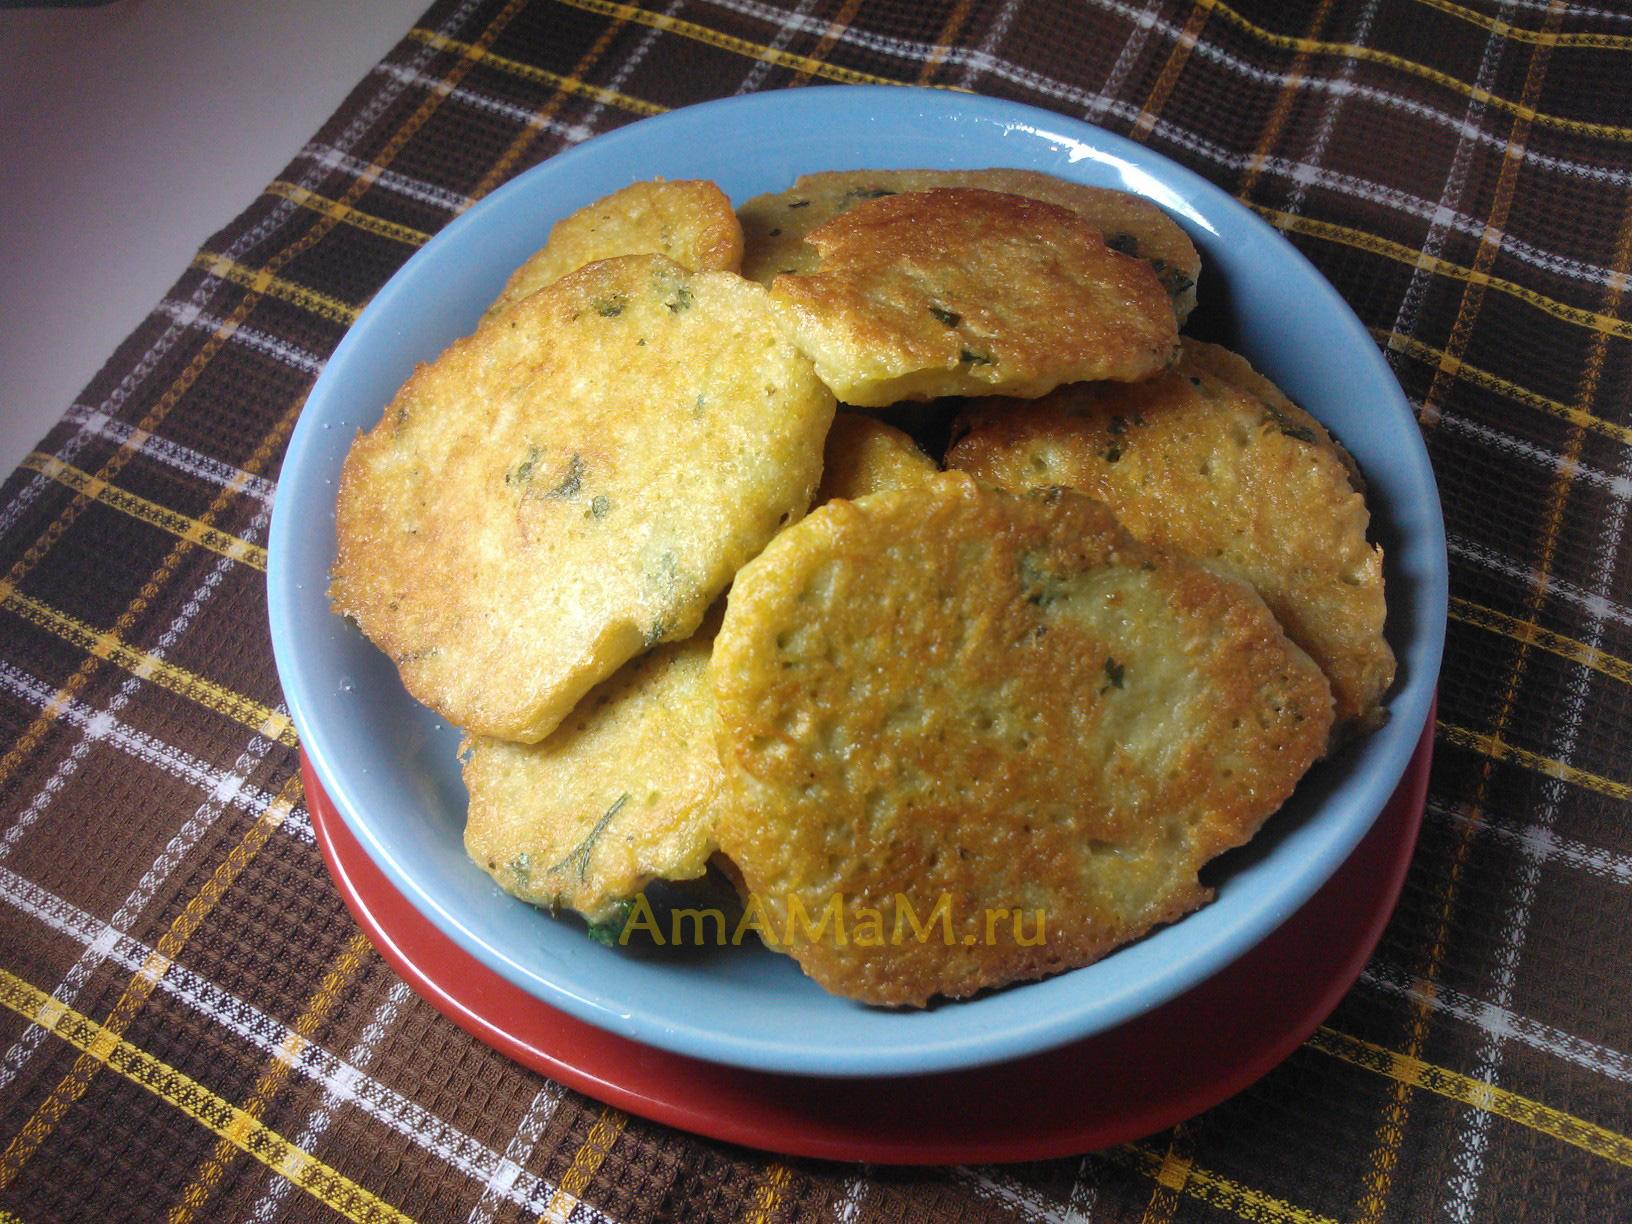 Драники картофельные - рецепт и фото